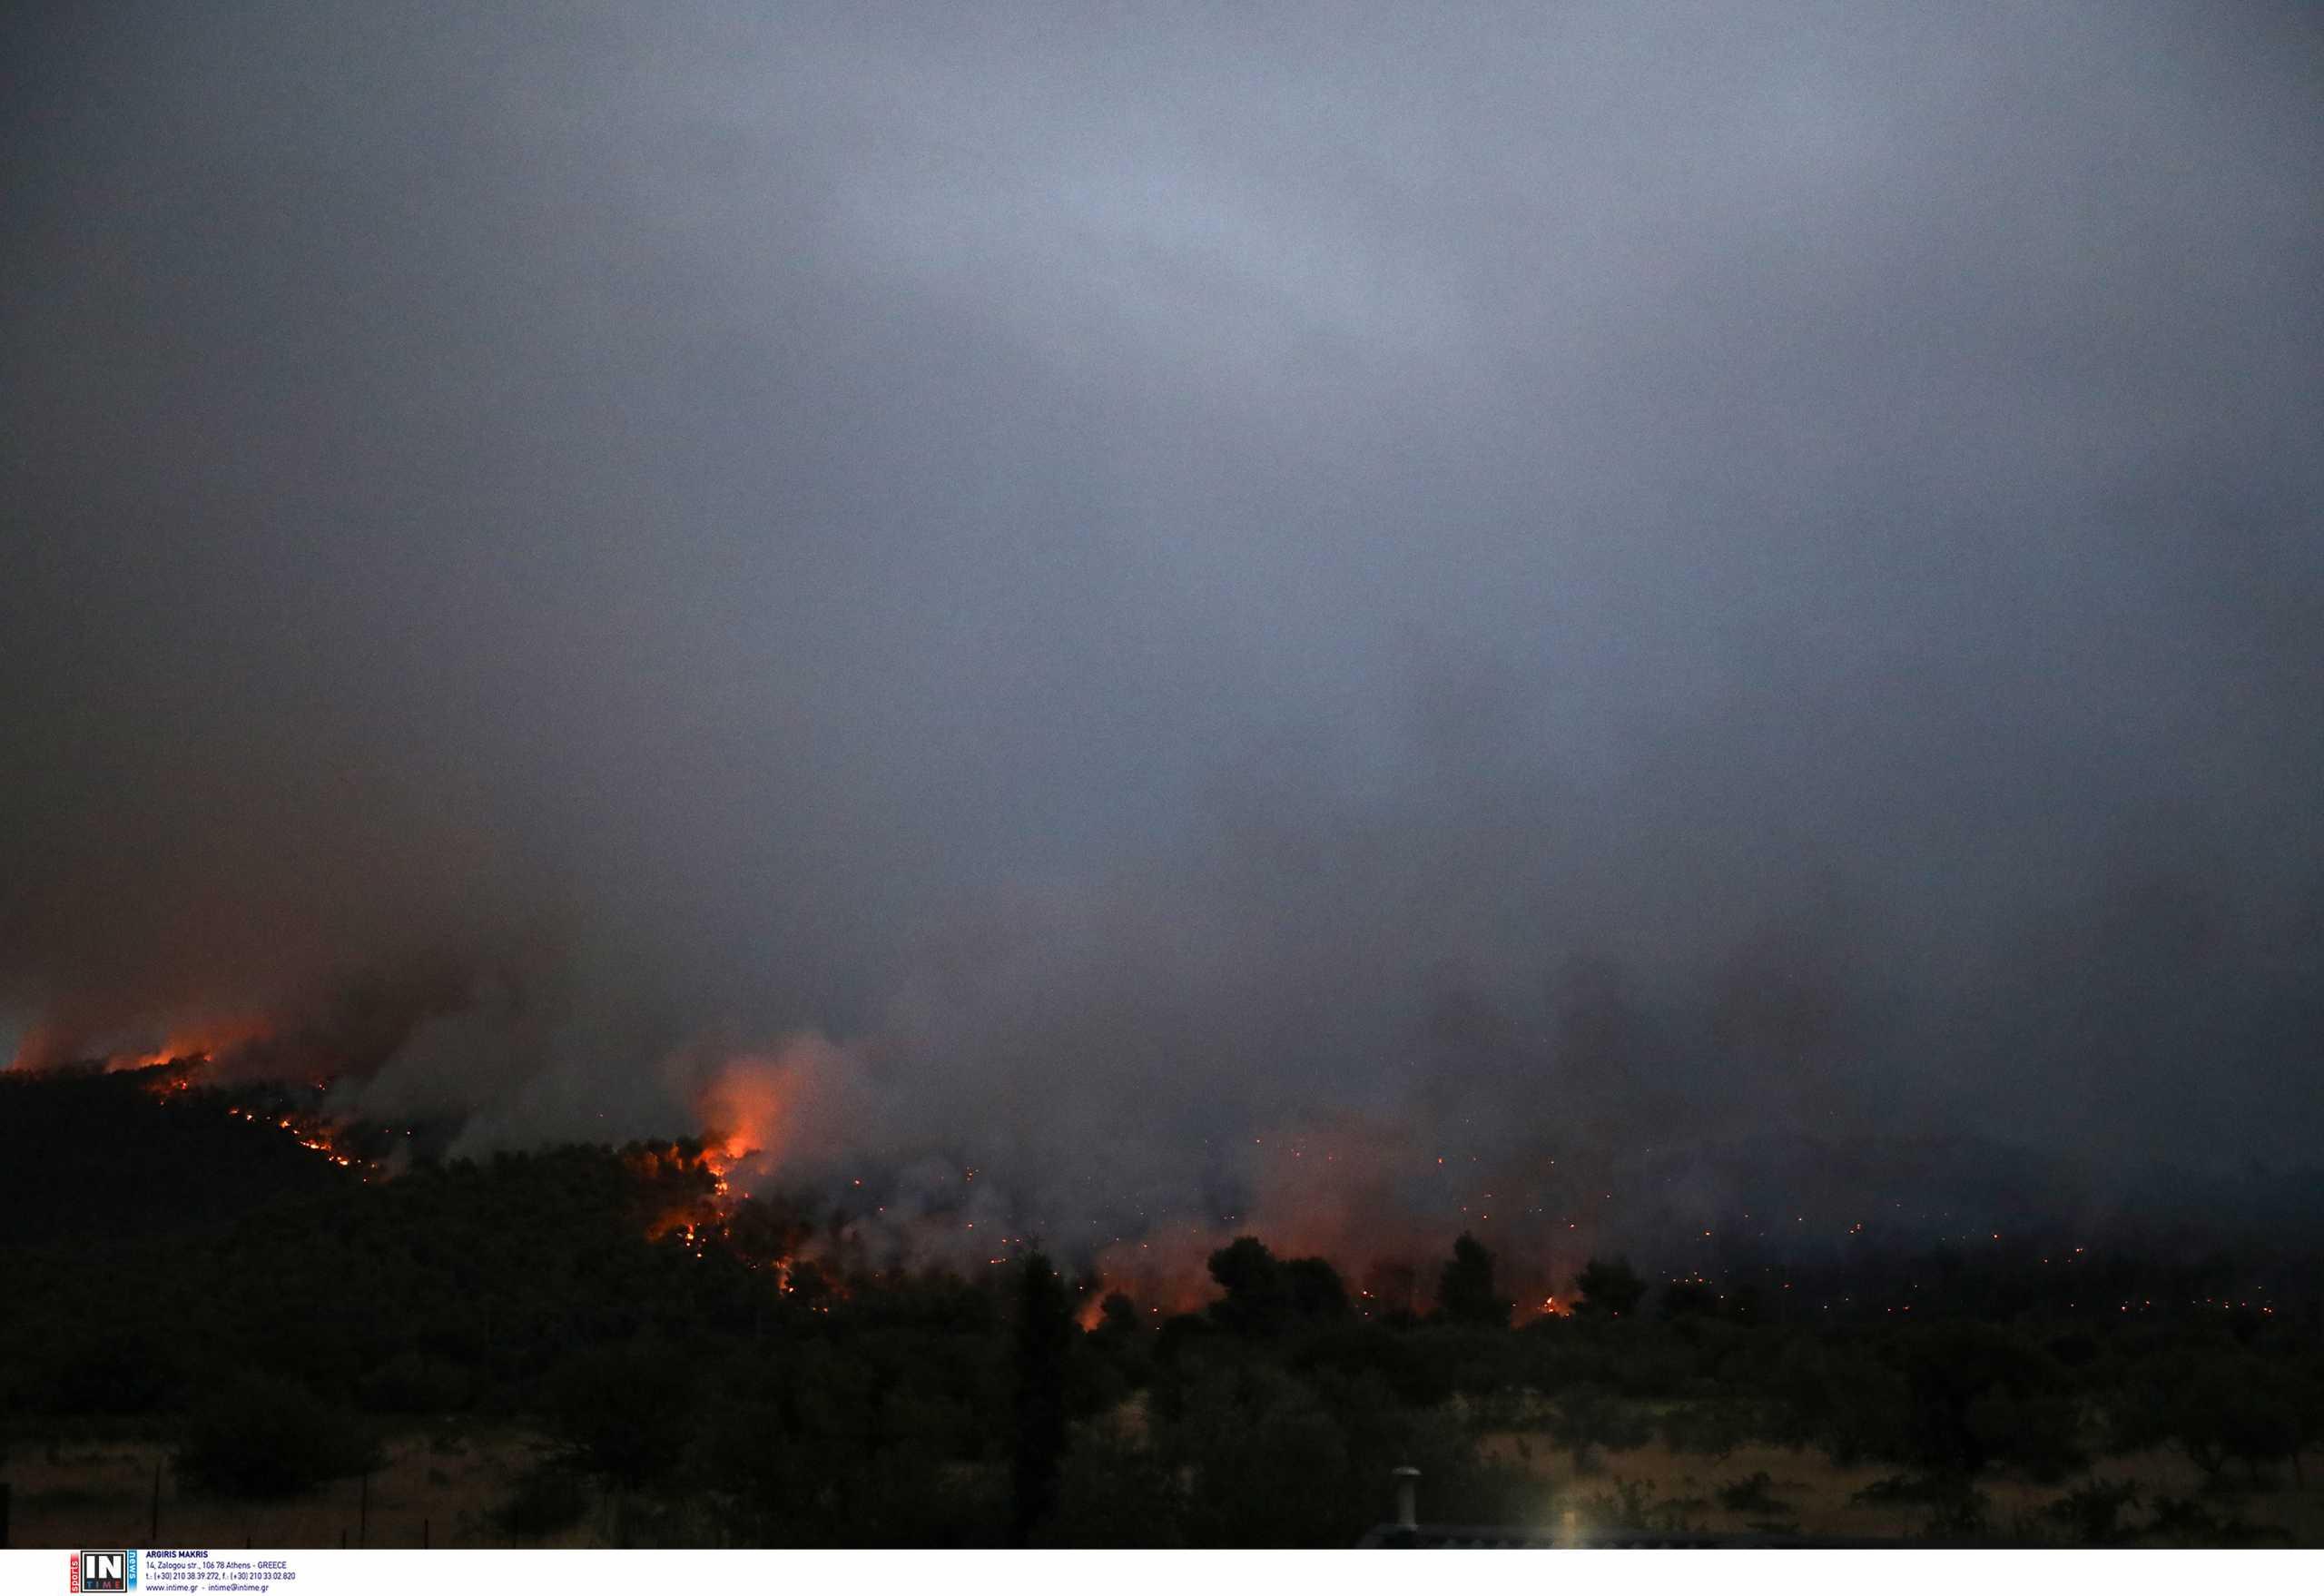 Ομολόγησε ο 14χρονος ότι ευθύνεται για τη φωτιά στο Θεολόγο και άλλες 8 πυρκαγιές